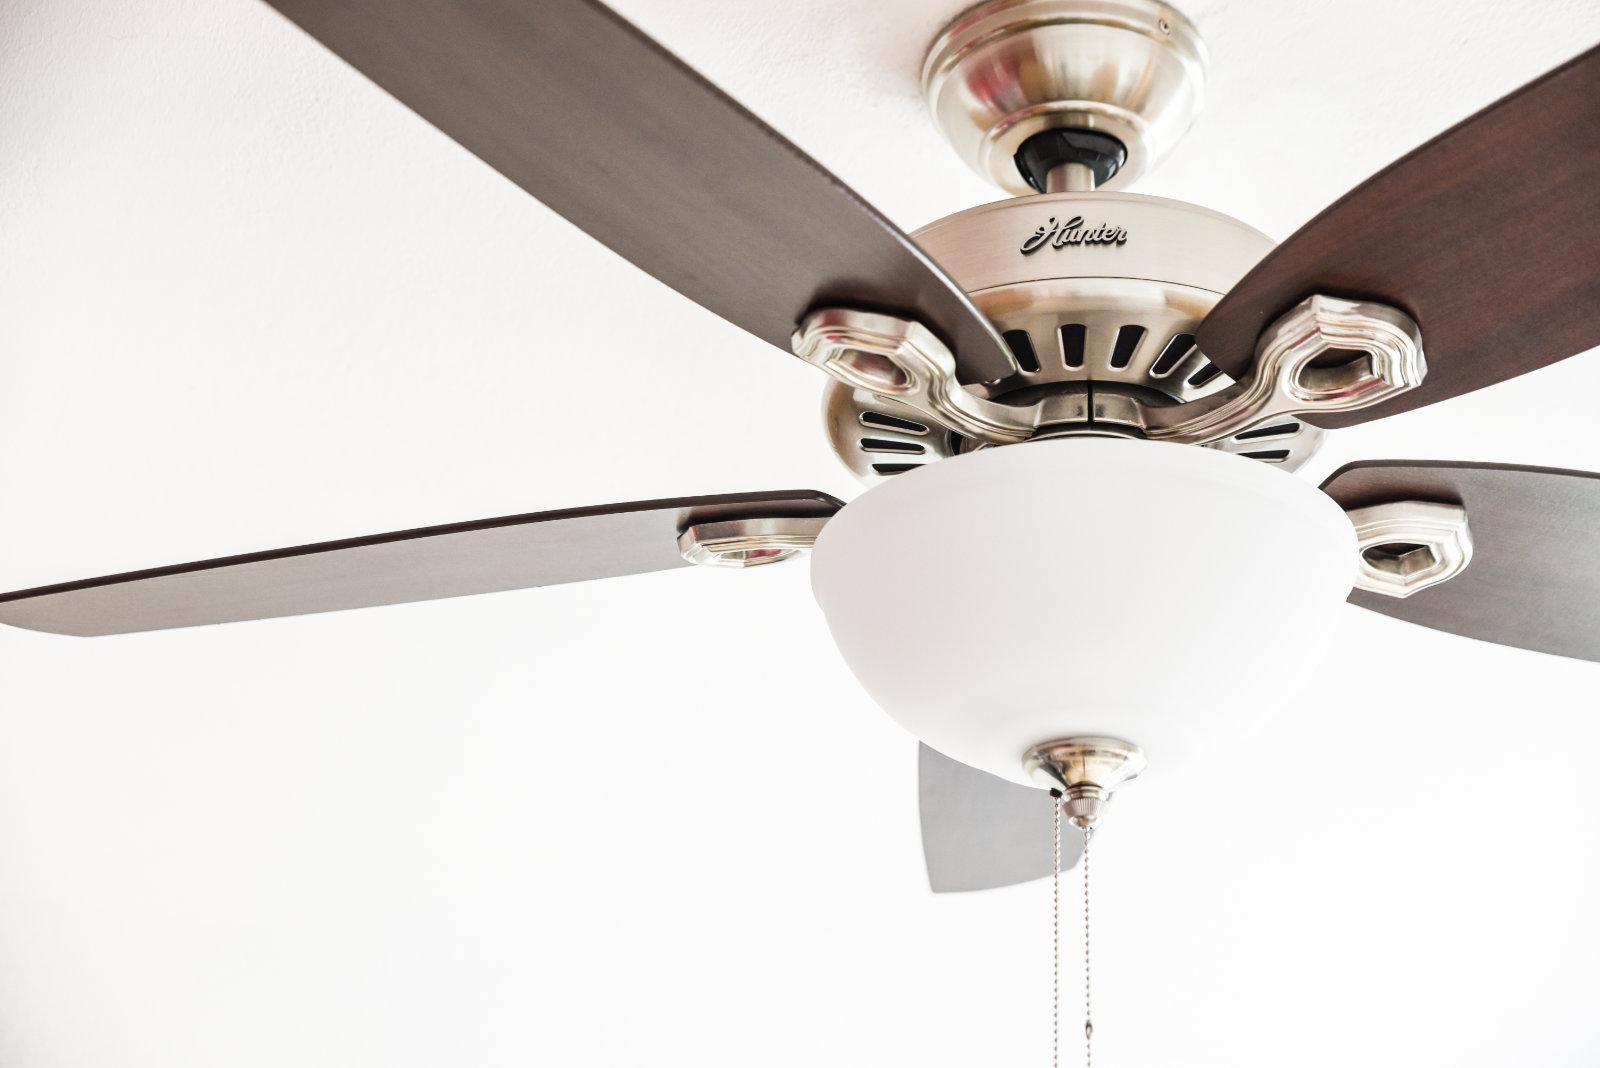 Hunter Builder Ceiling Fan